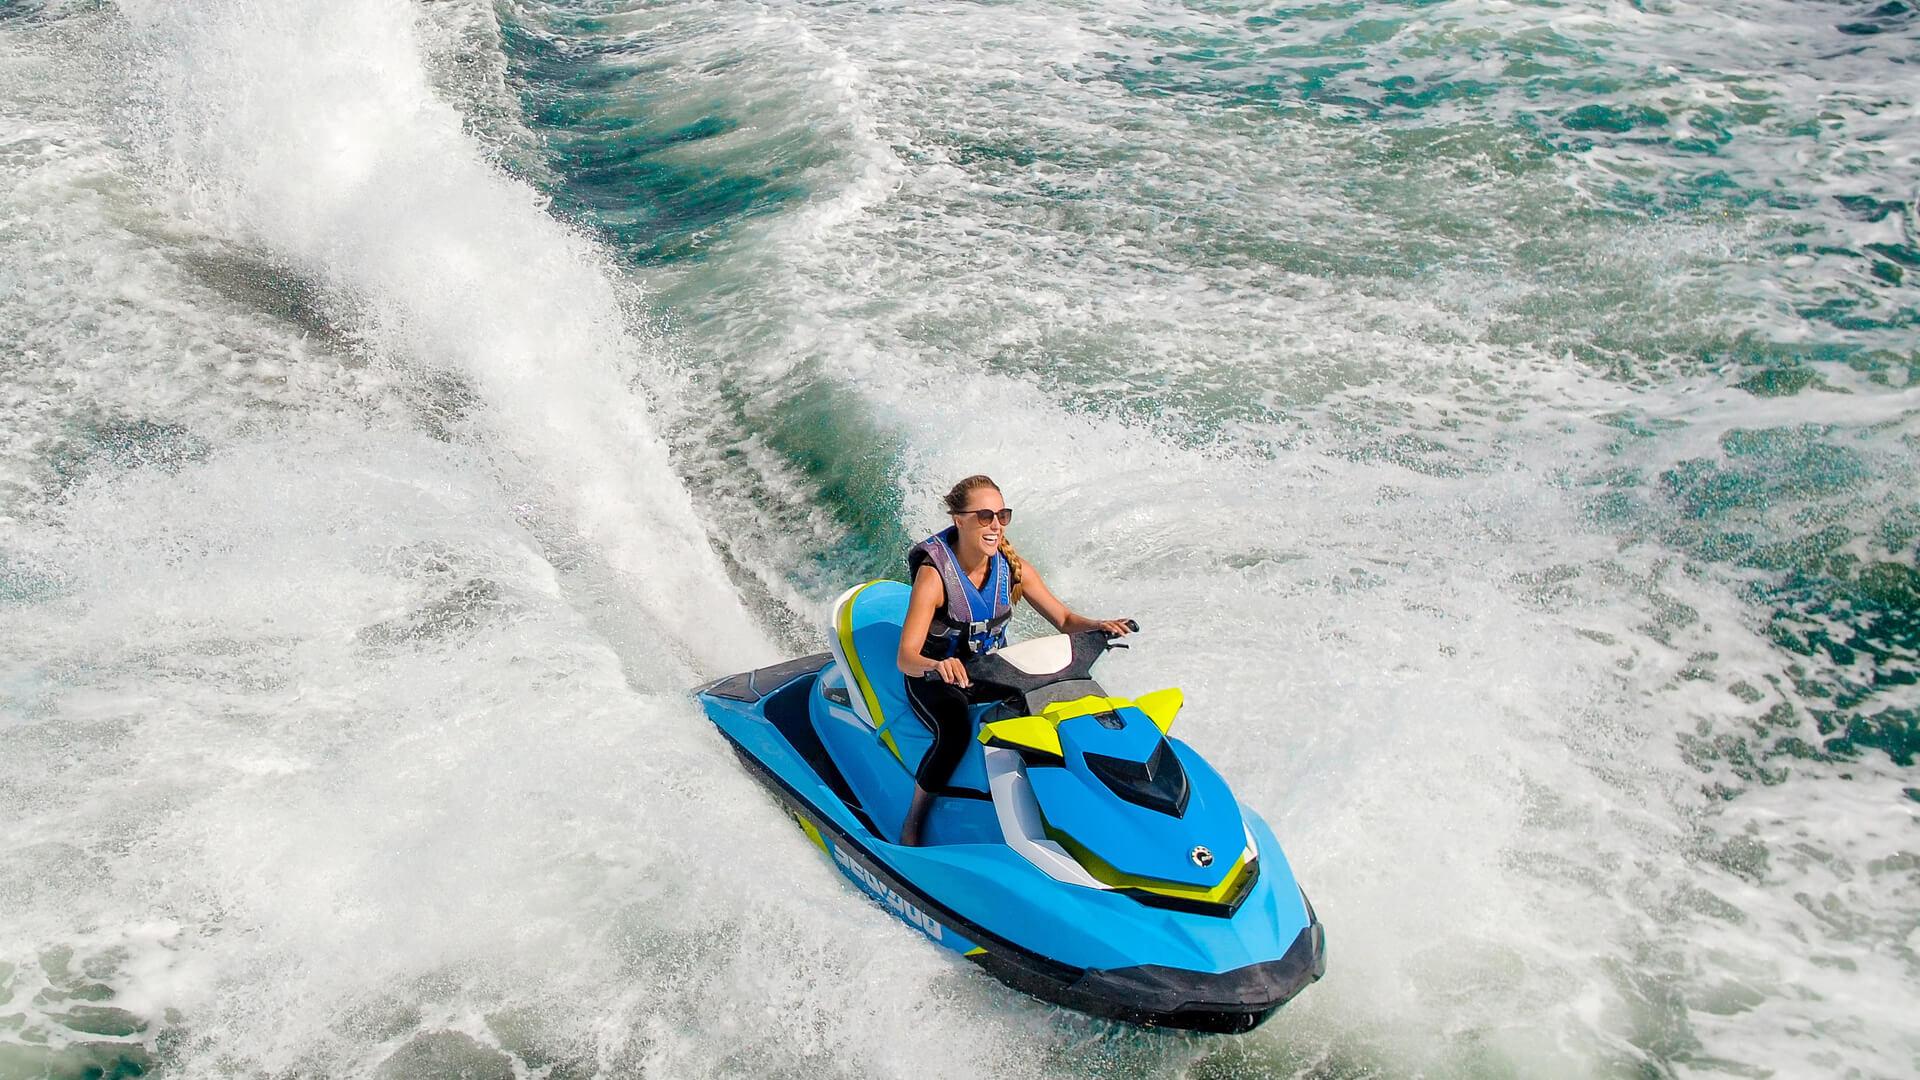 Aruba Jet Ski Rental